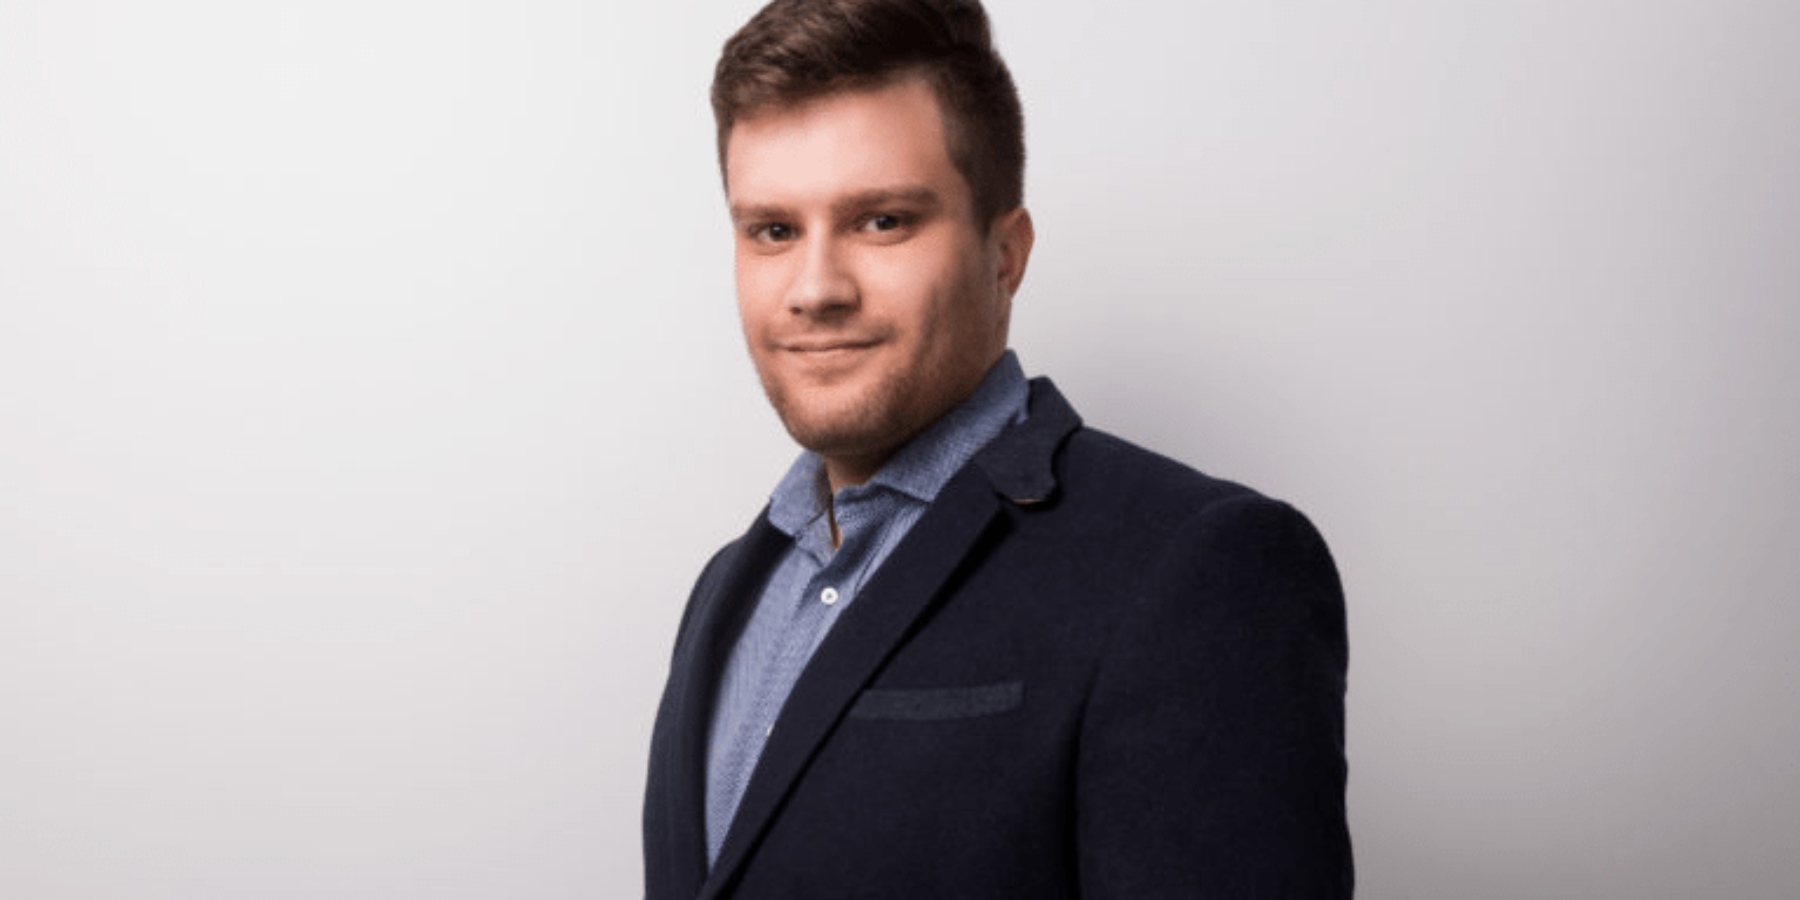 Wywiad zMichałem Mazurkiem (Coders Lab) – najwięcej czasu zajmuje wymyślenie najlepszego rozwiązania!